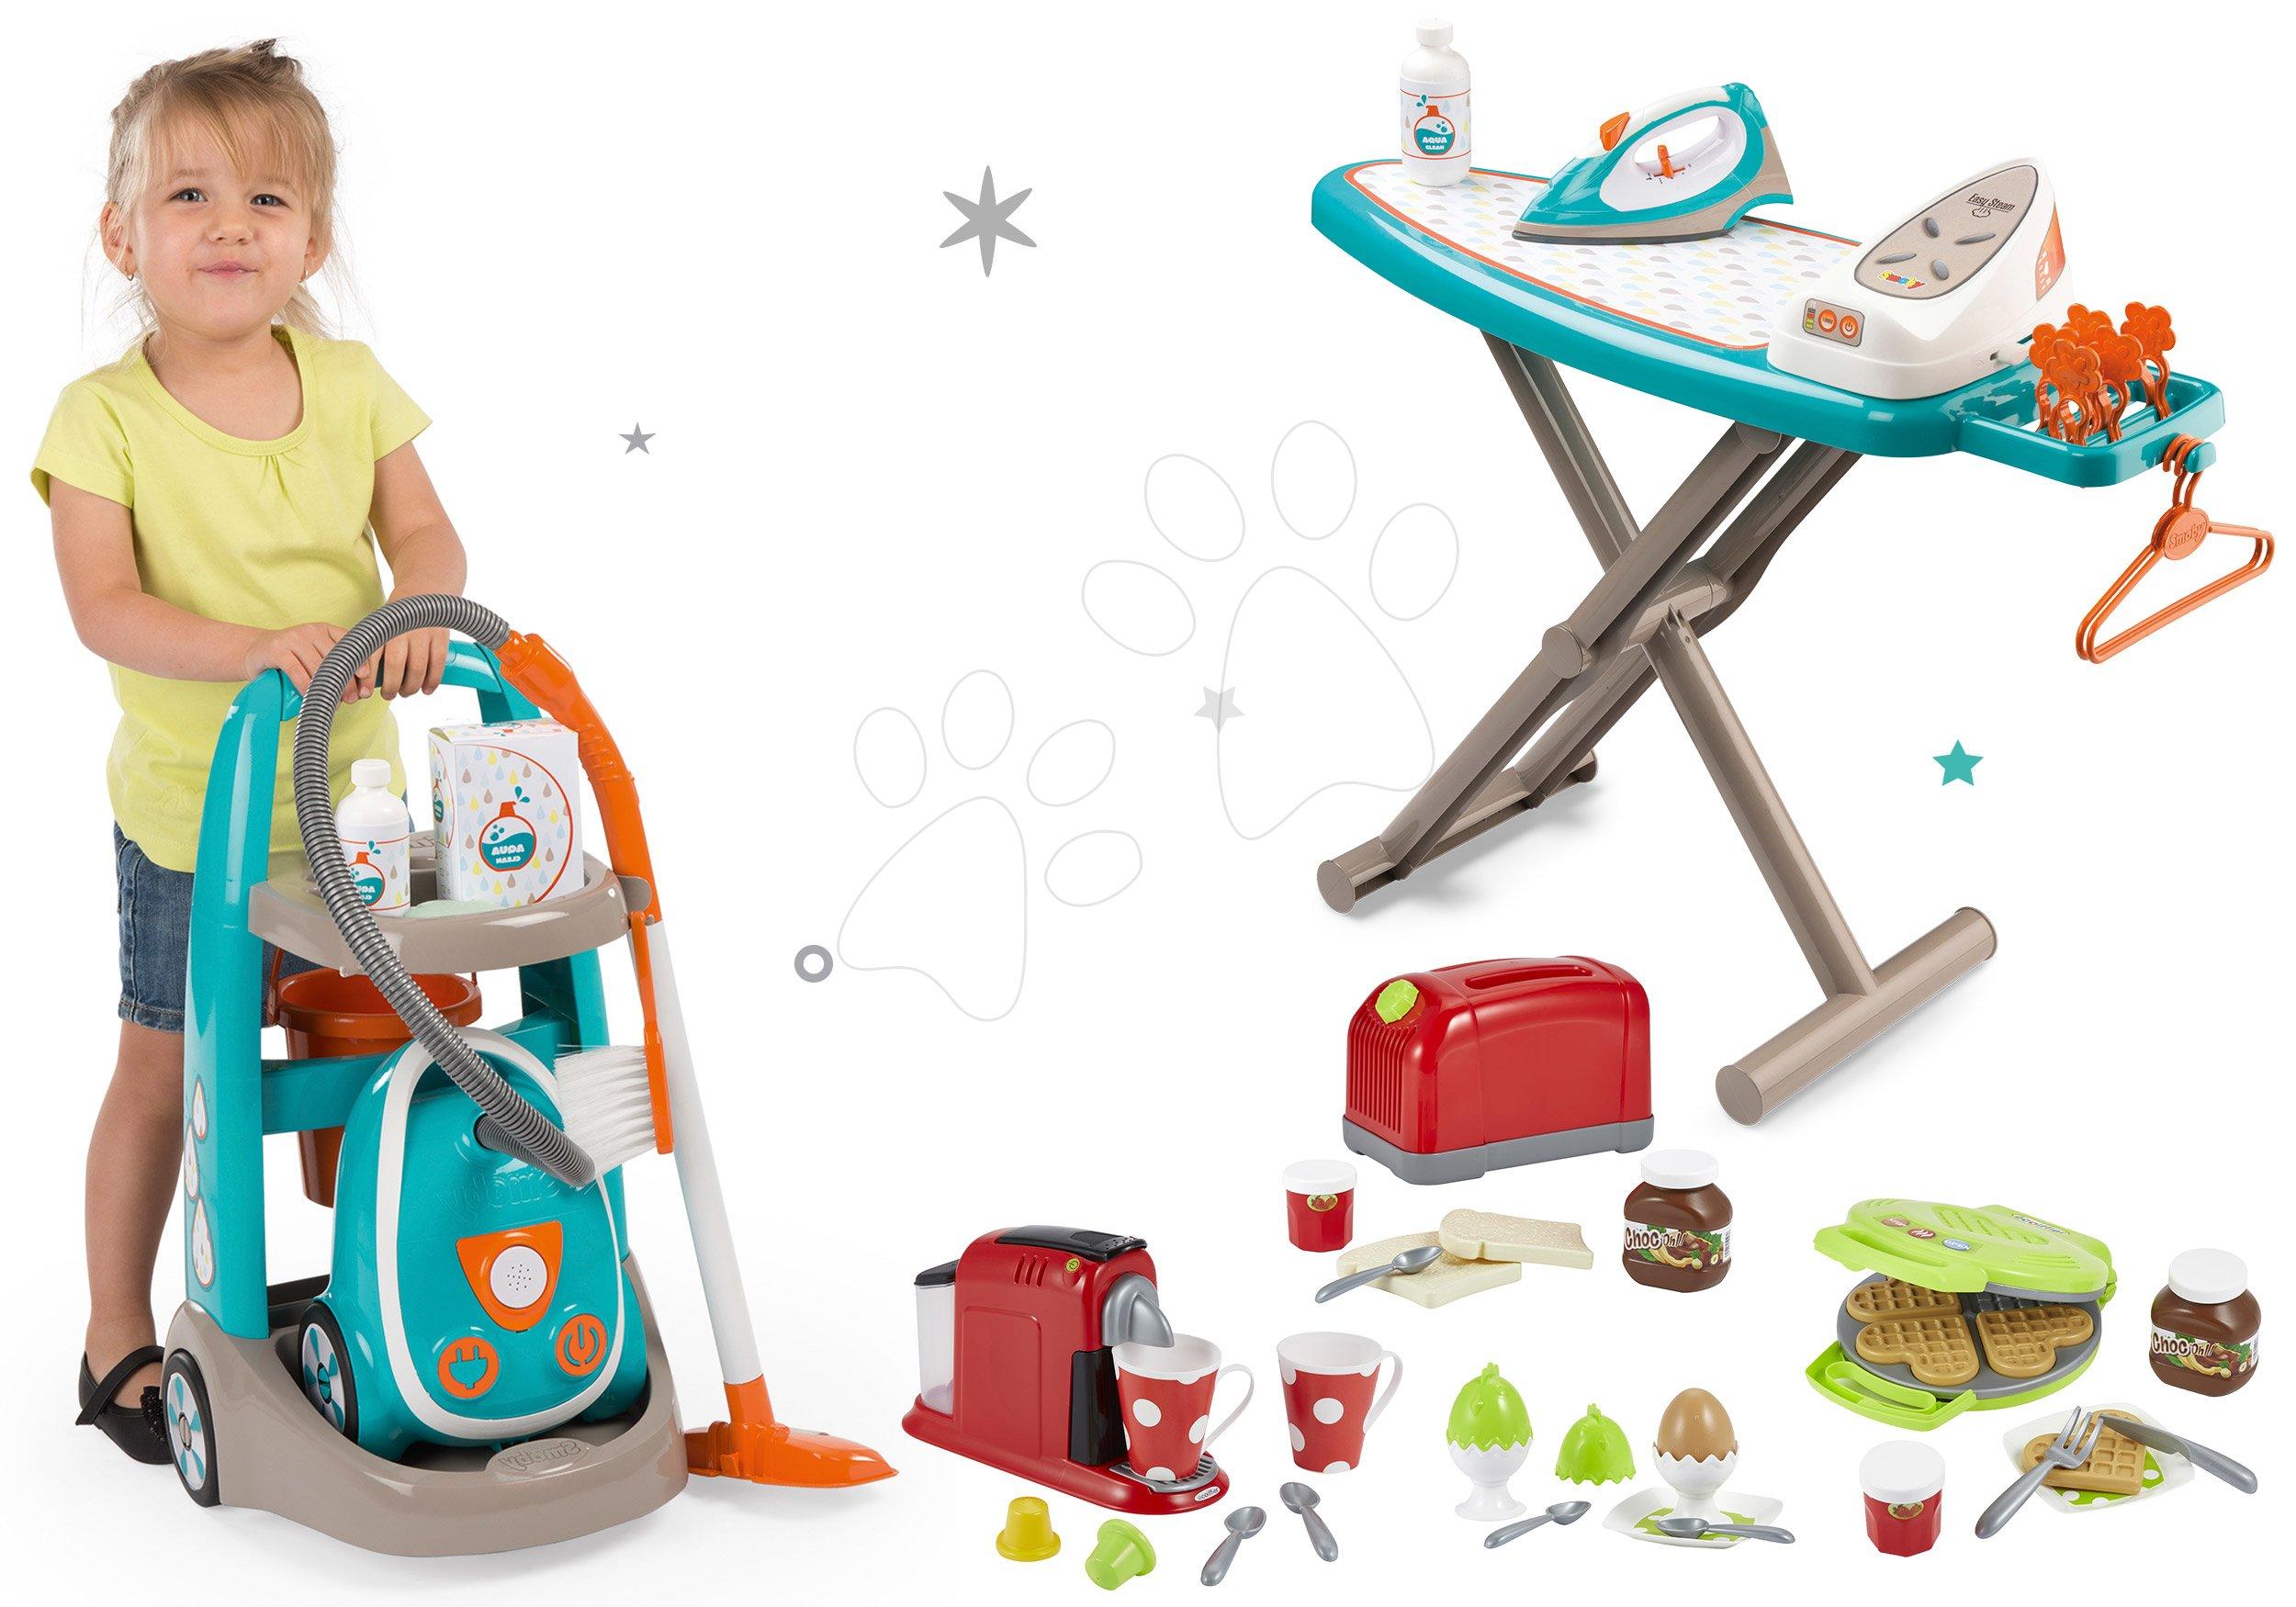 Hry na domácnosť - Set upratovací vozík s elektronickým vysávačom Vacuum Cleaner Smoby so žehliacou doskou a hriankovač s vaflovačom a kávovarom